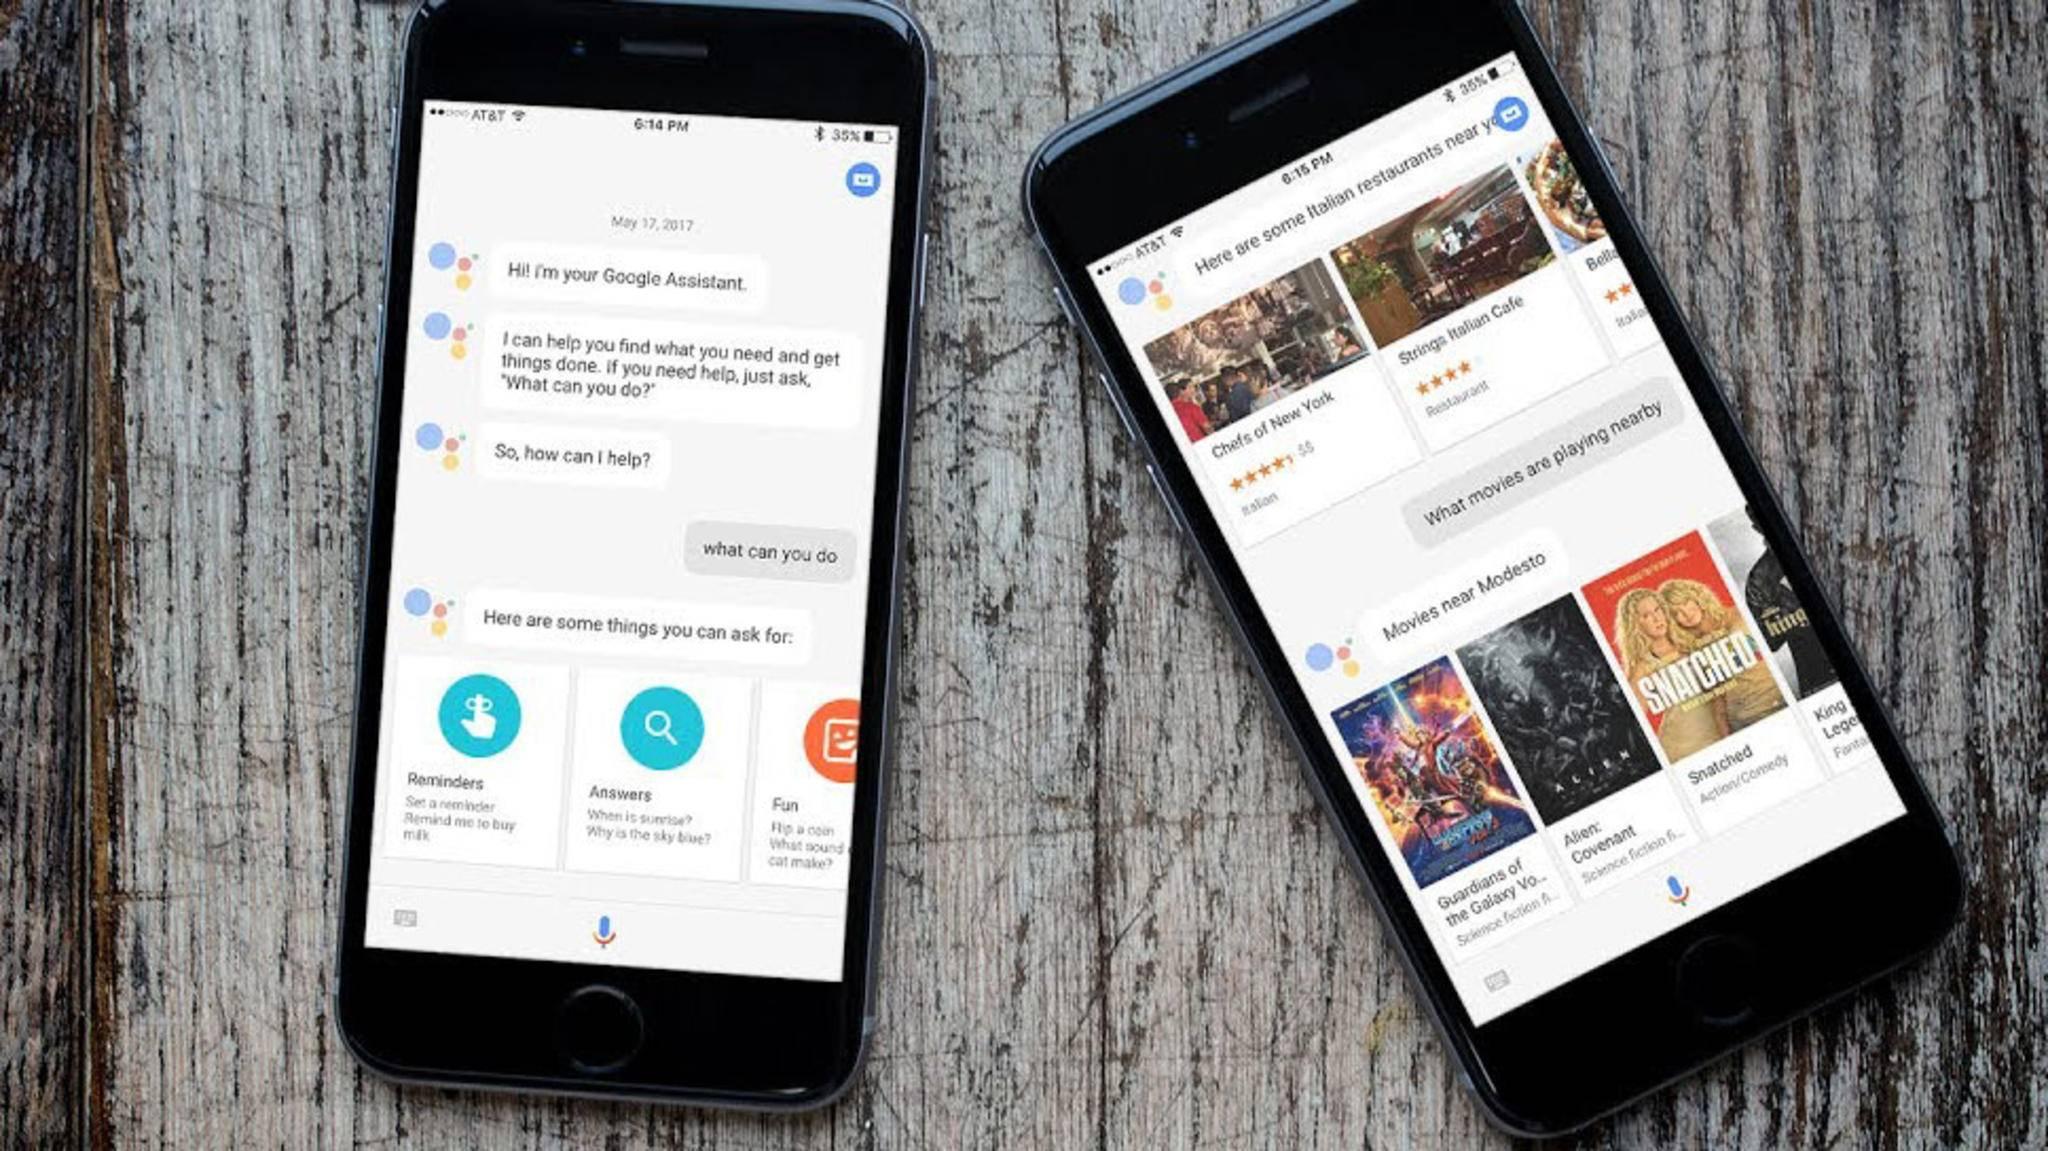 Ob Shortcuts oder mehrere Timer: Mit diesen Tipps kannst Du Google Assistant auf dem iPhone noch besser nutzen.